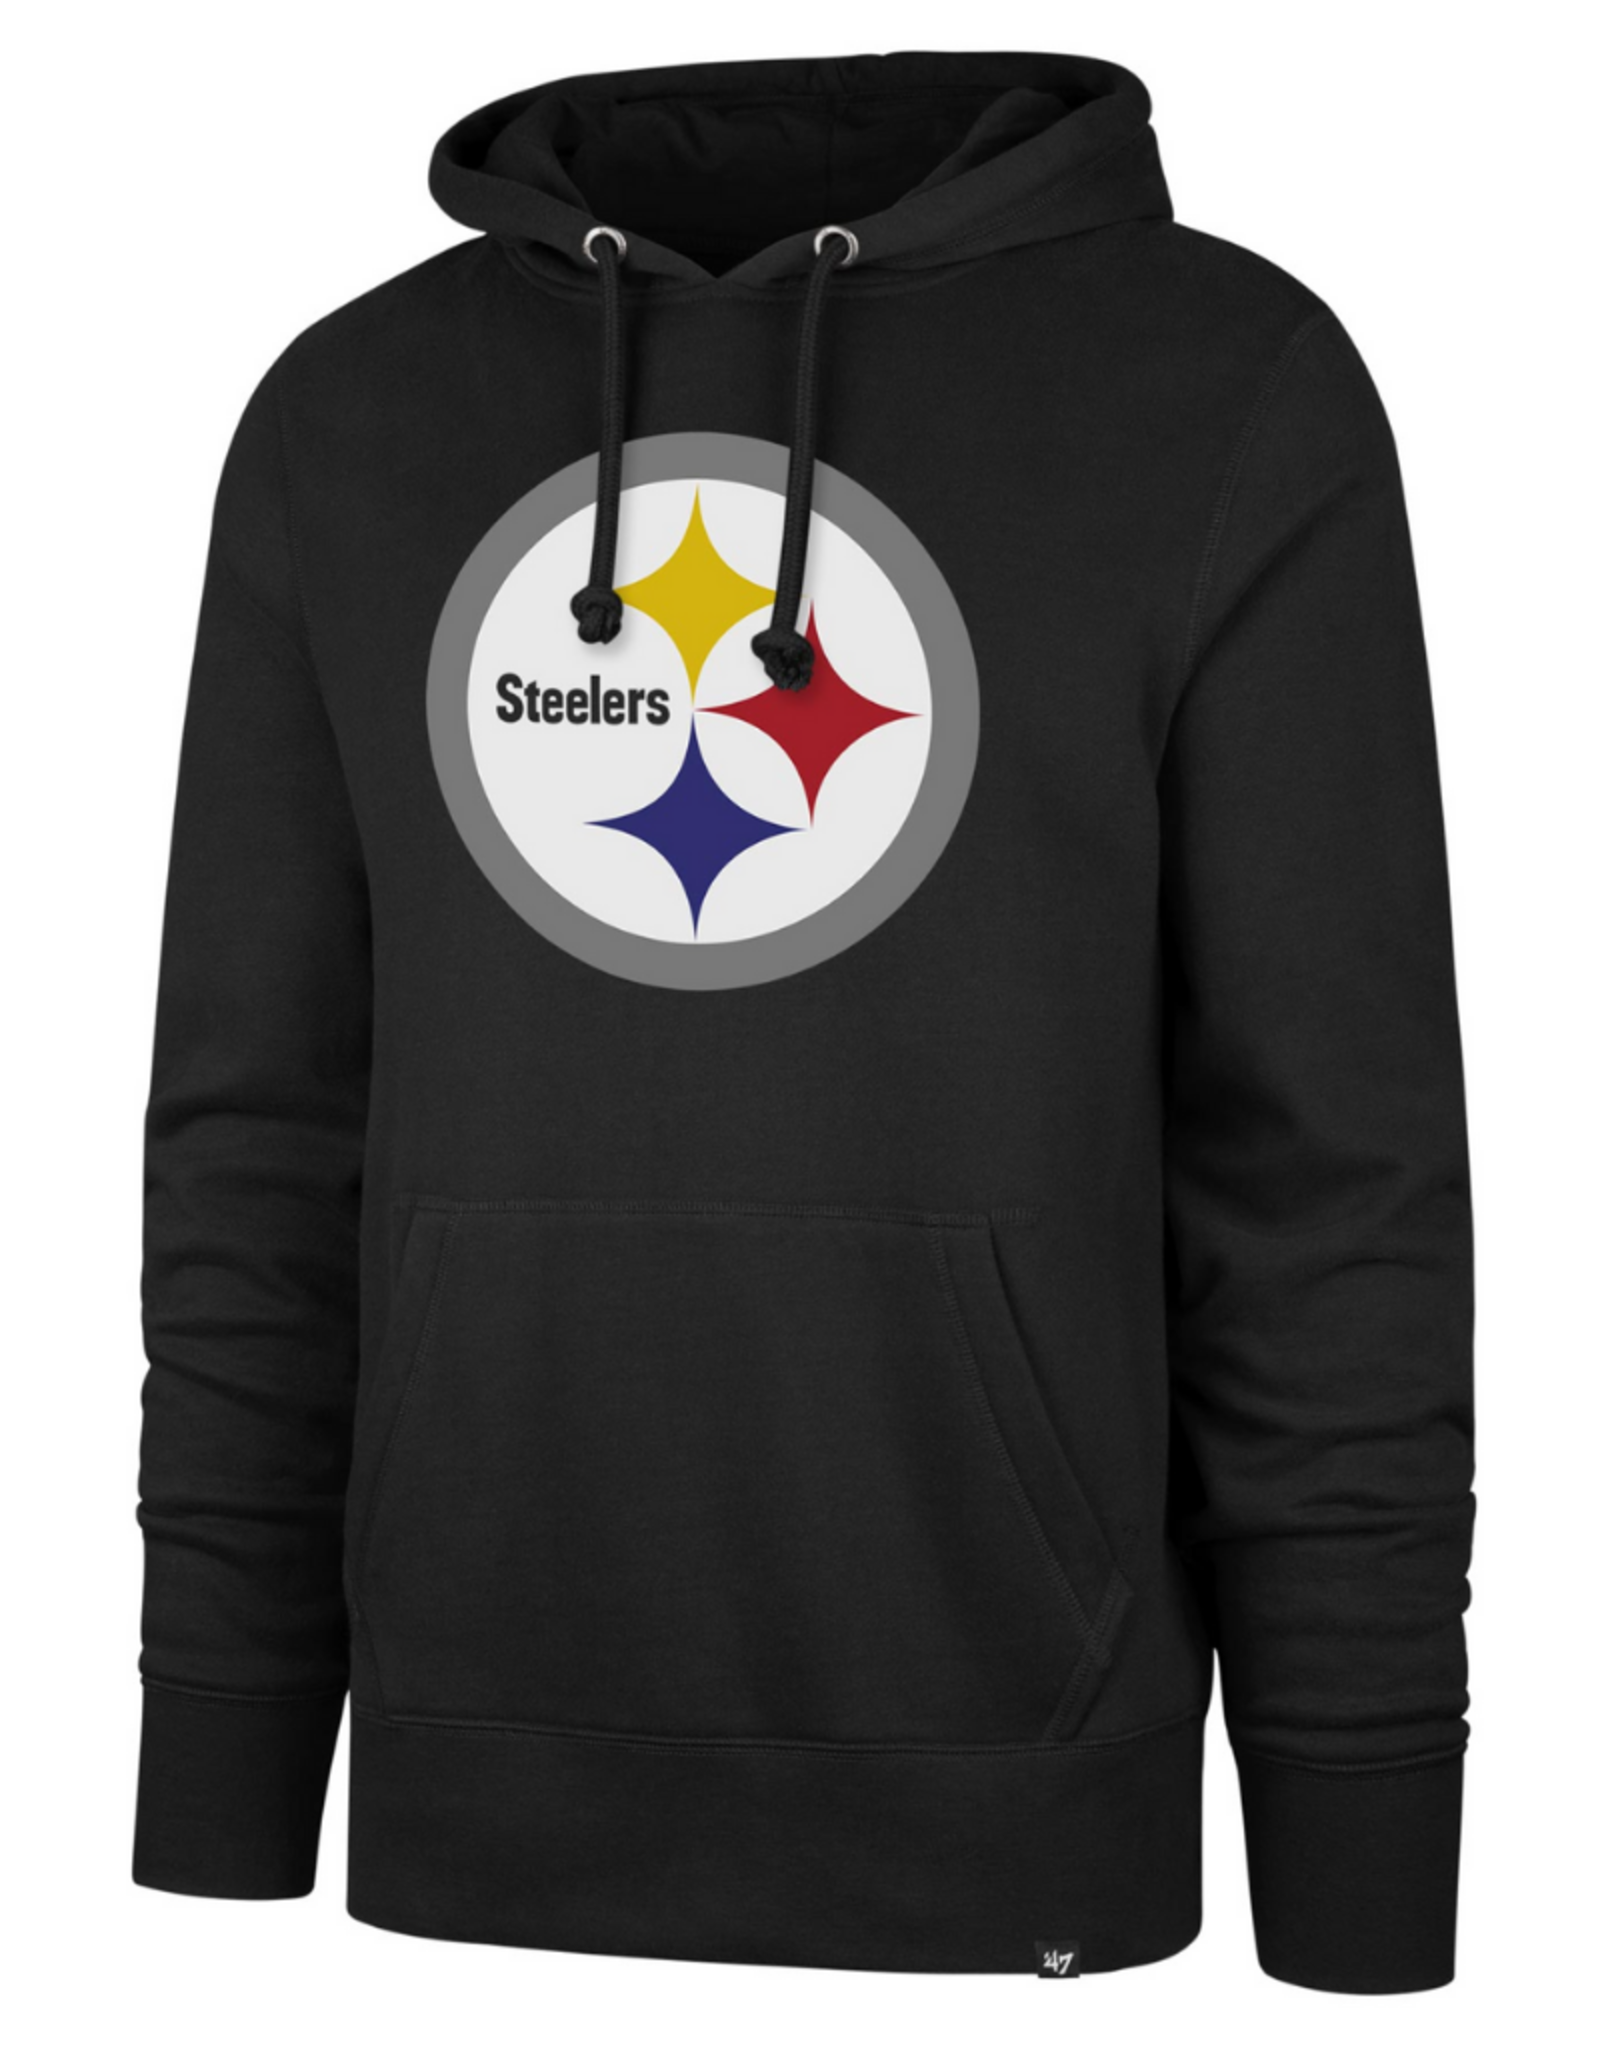 '47 Adult Imprint Headline Hoodie Pittsburgh Steelers Black